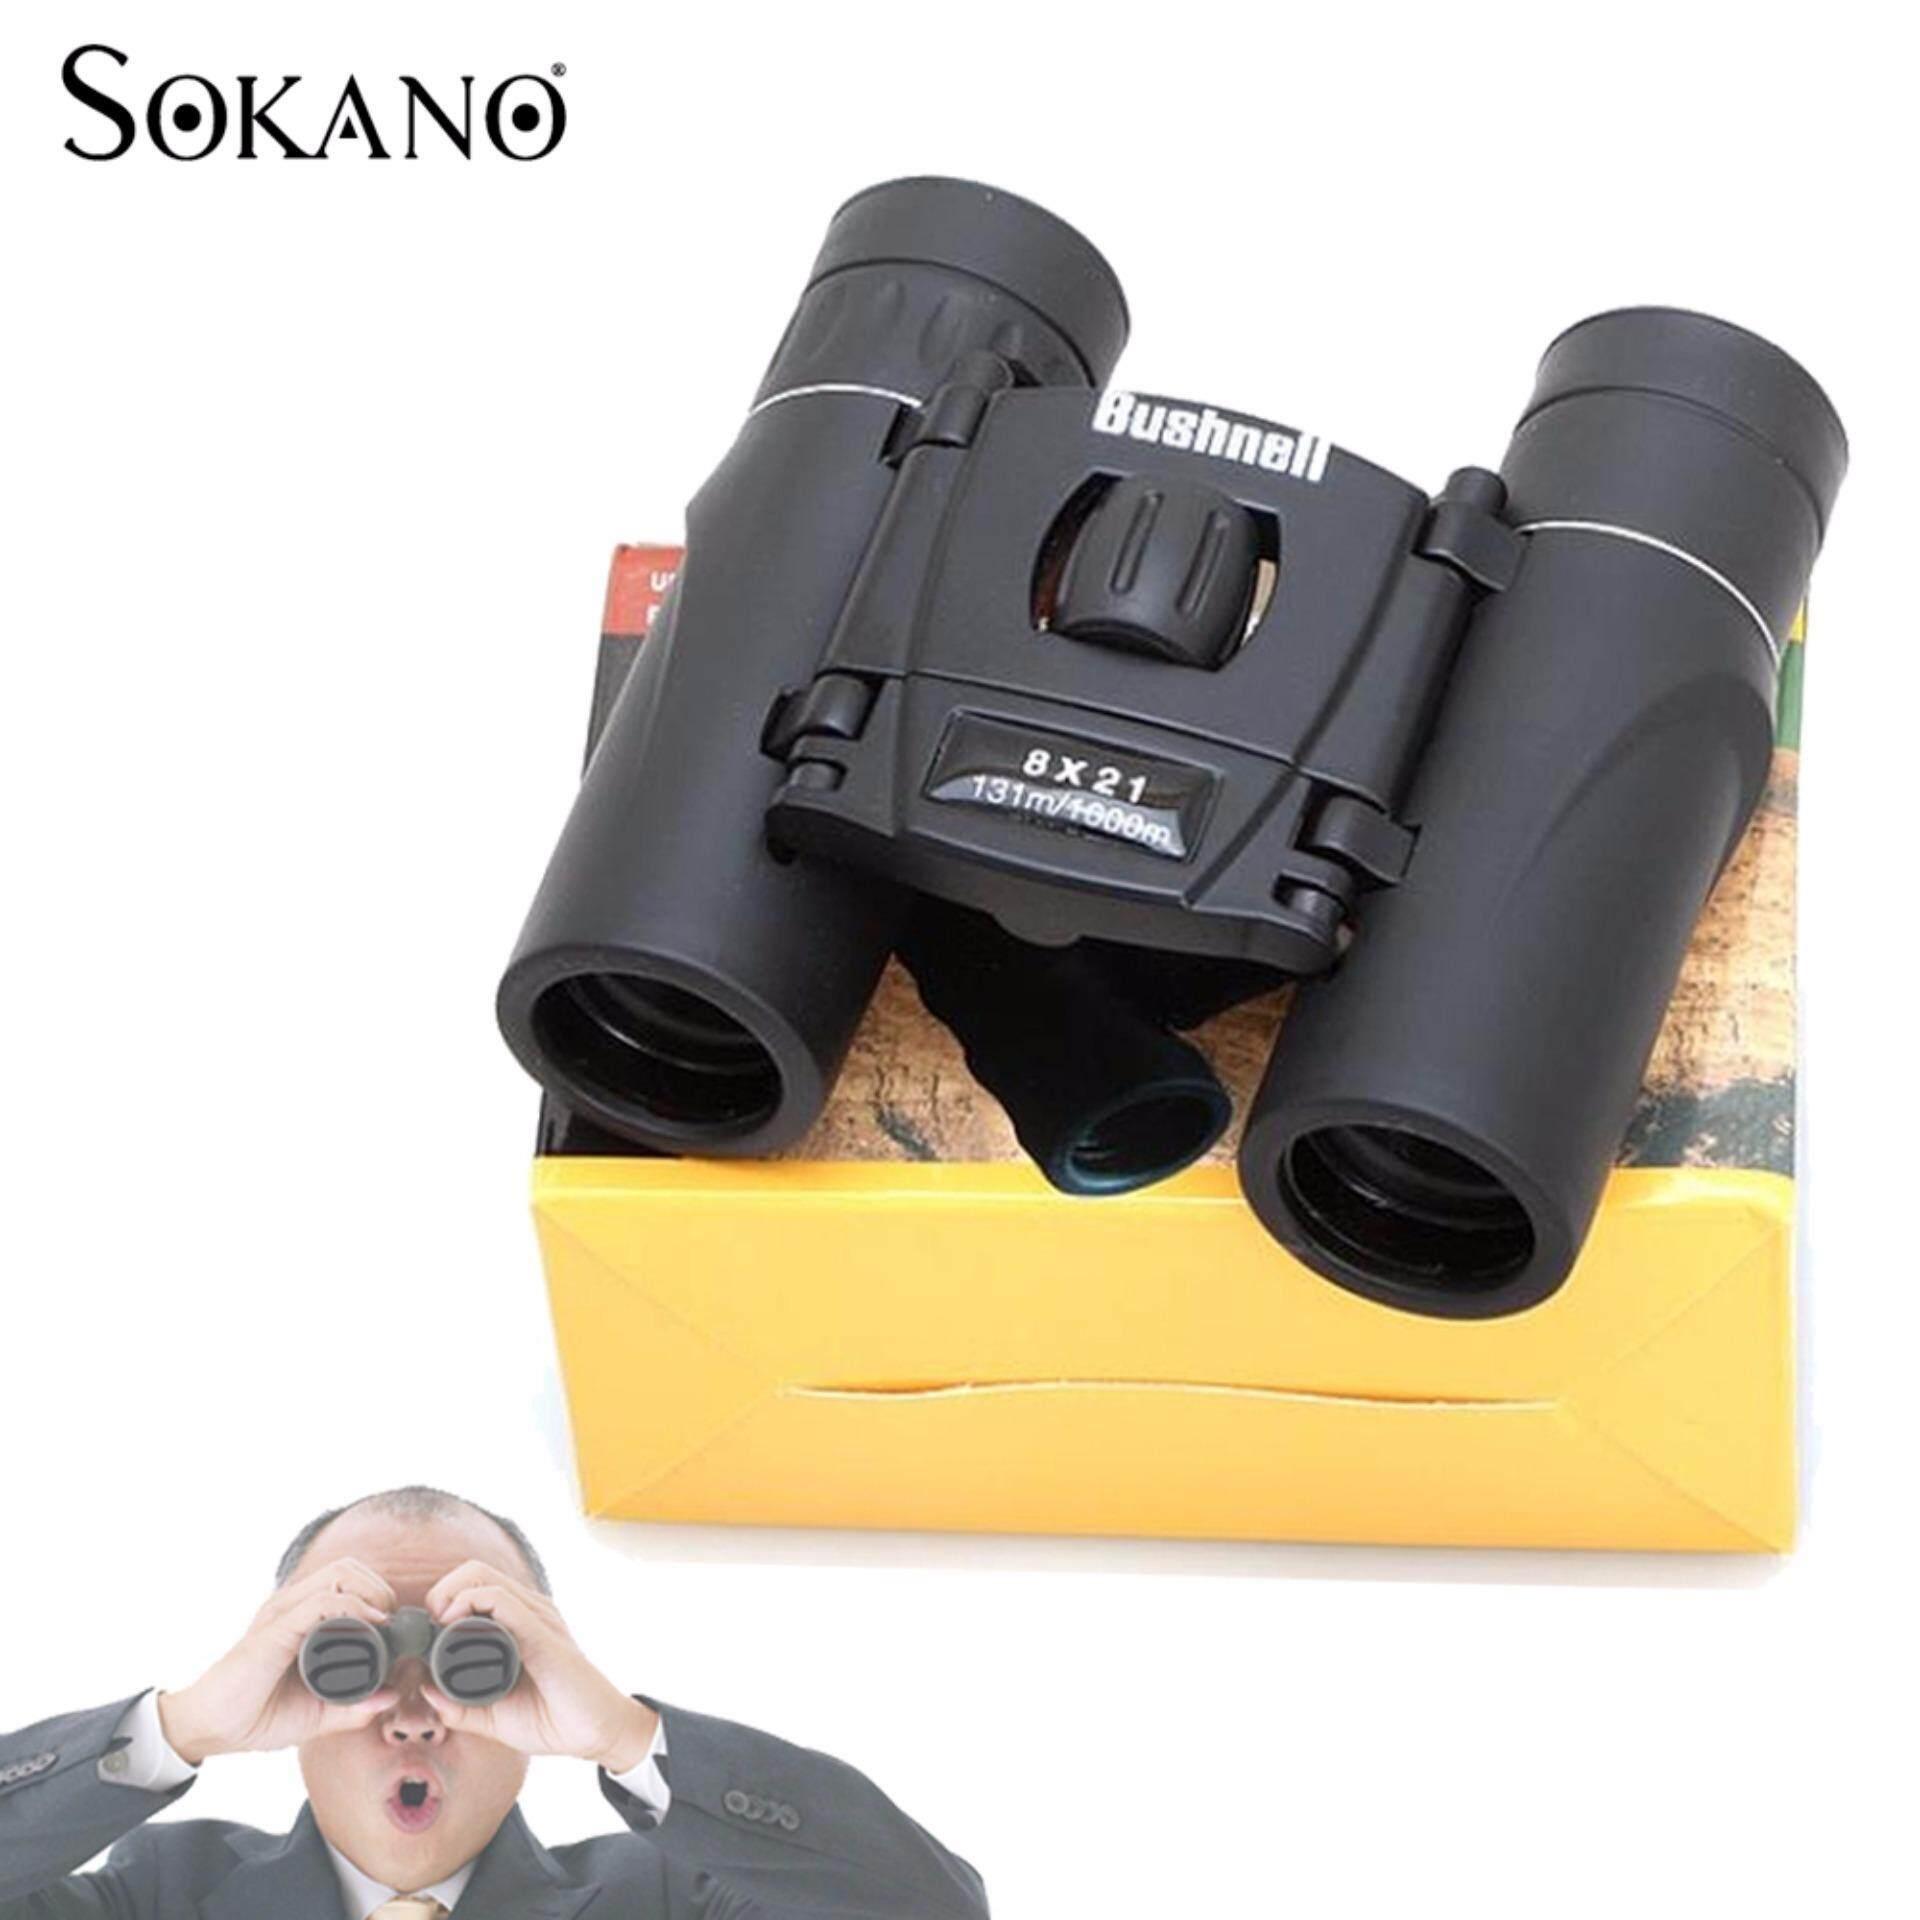 SOKANO Bushnell Compact 8 x 21 High Definition Binocular